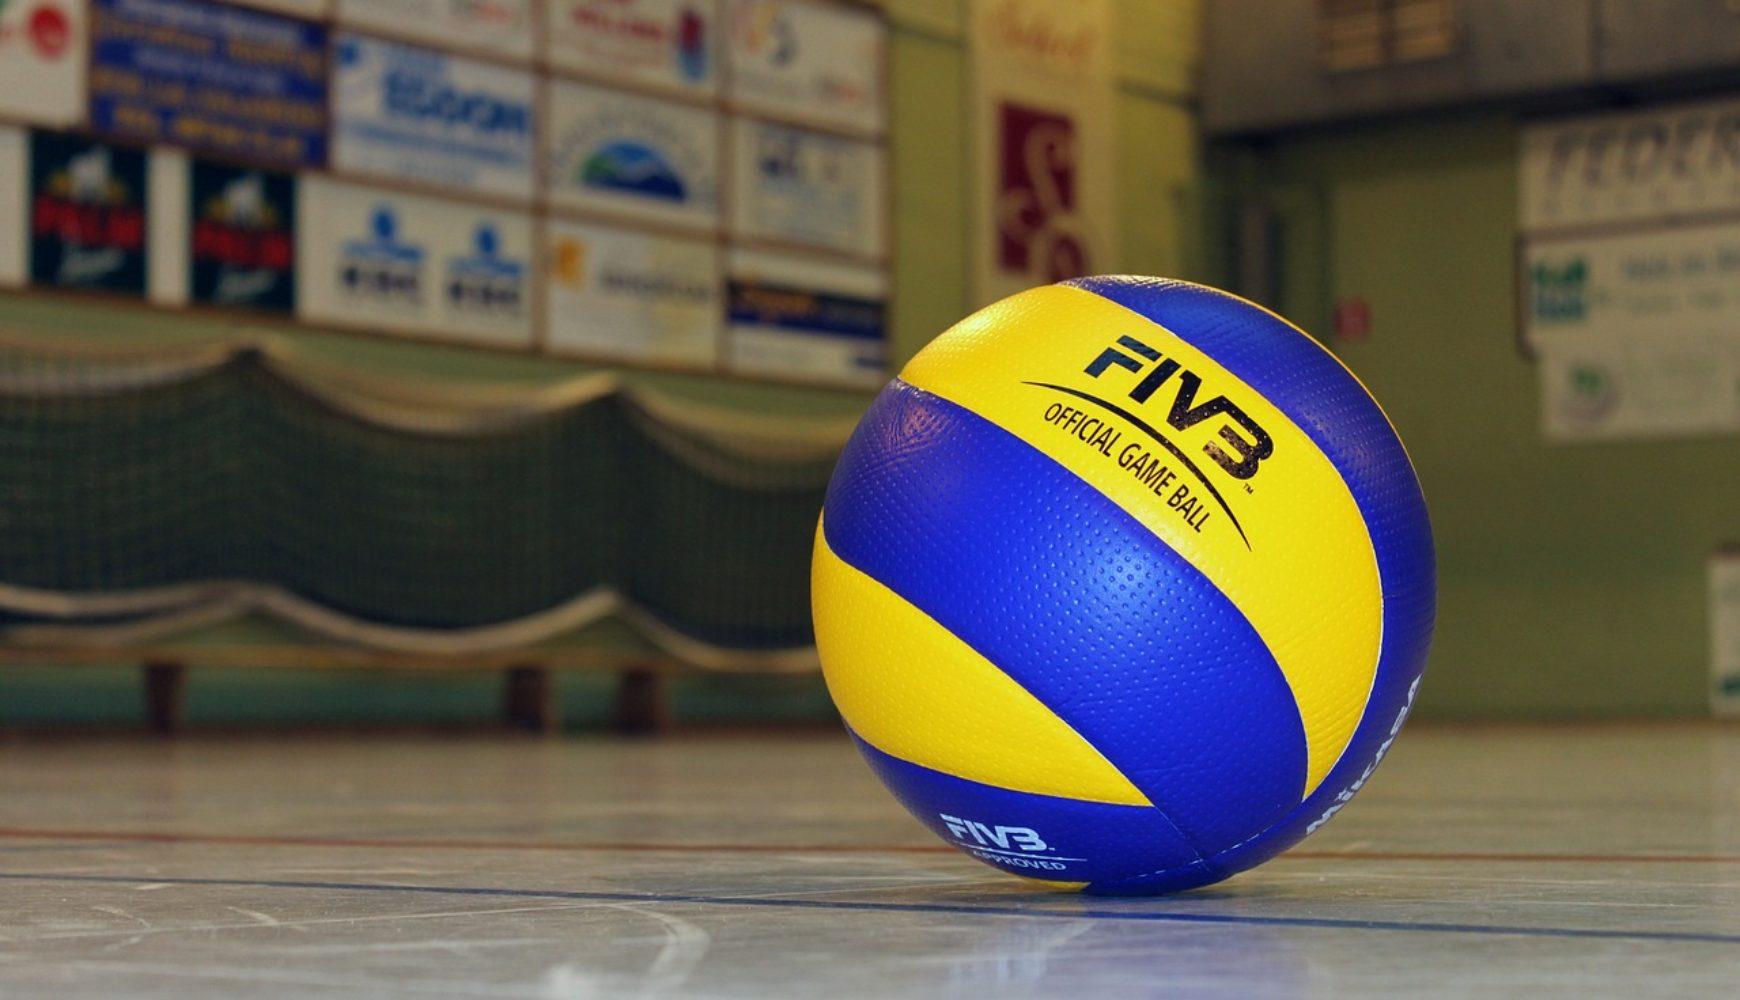 Siatkarska drużyna MOS Zachód 3D Sport rozpoczyna kolejny sezon ligowy